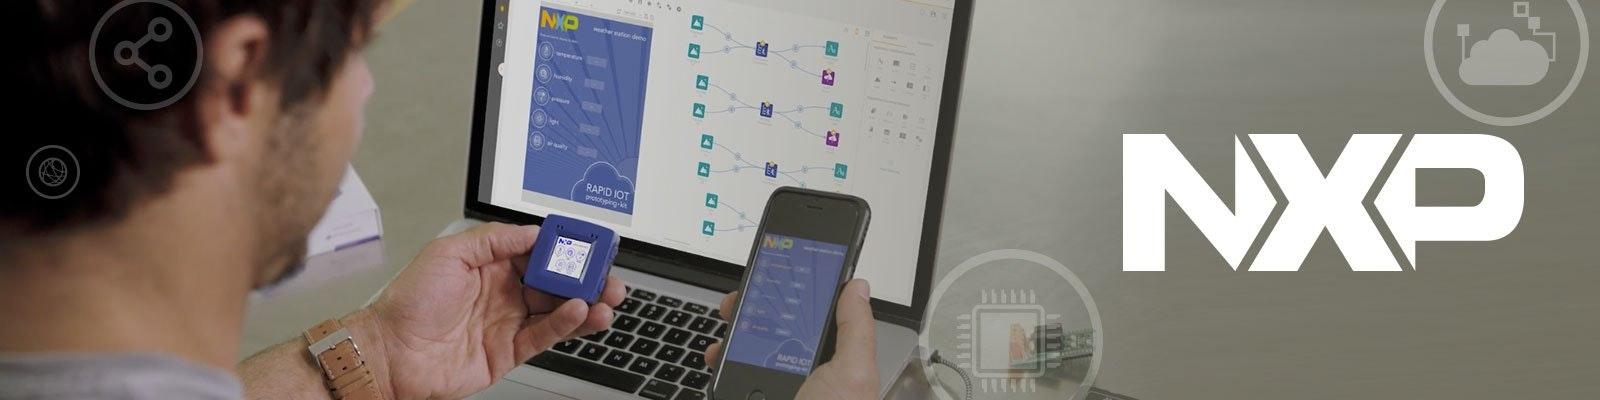 Revolutionize Your IoT Prototyping